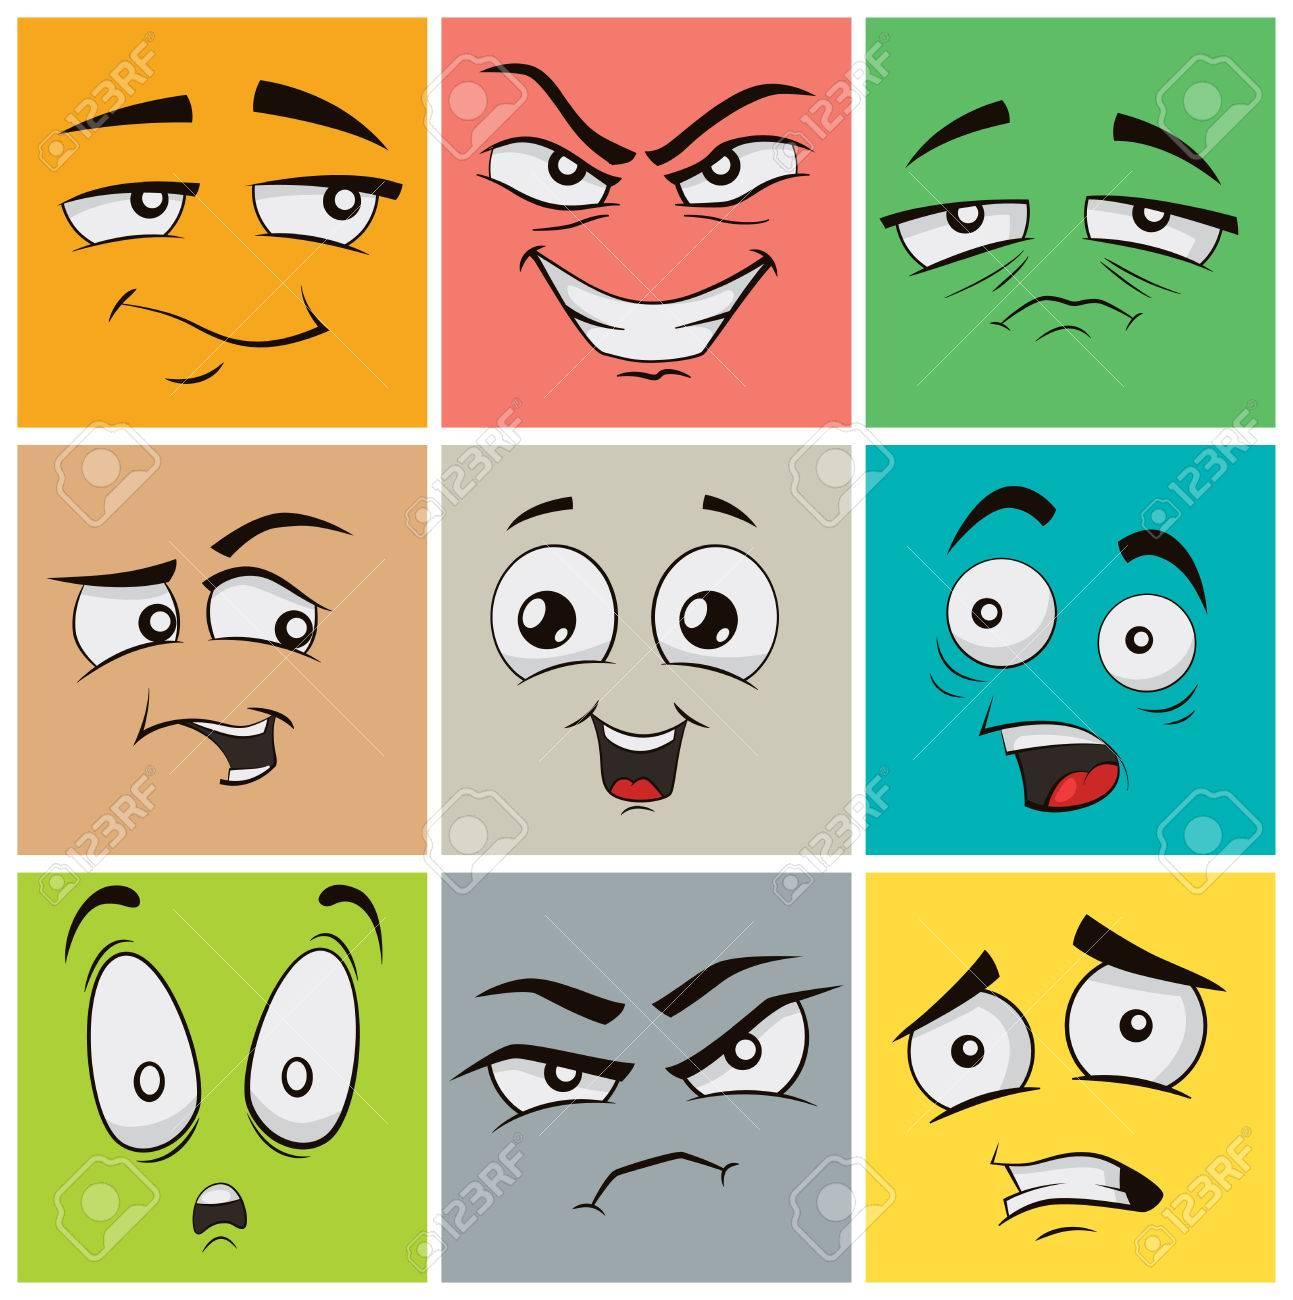 Colección De Expresiones Faciales Divertidas De Dibujos Animados Emoticonos